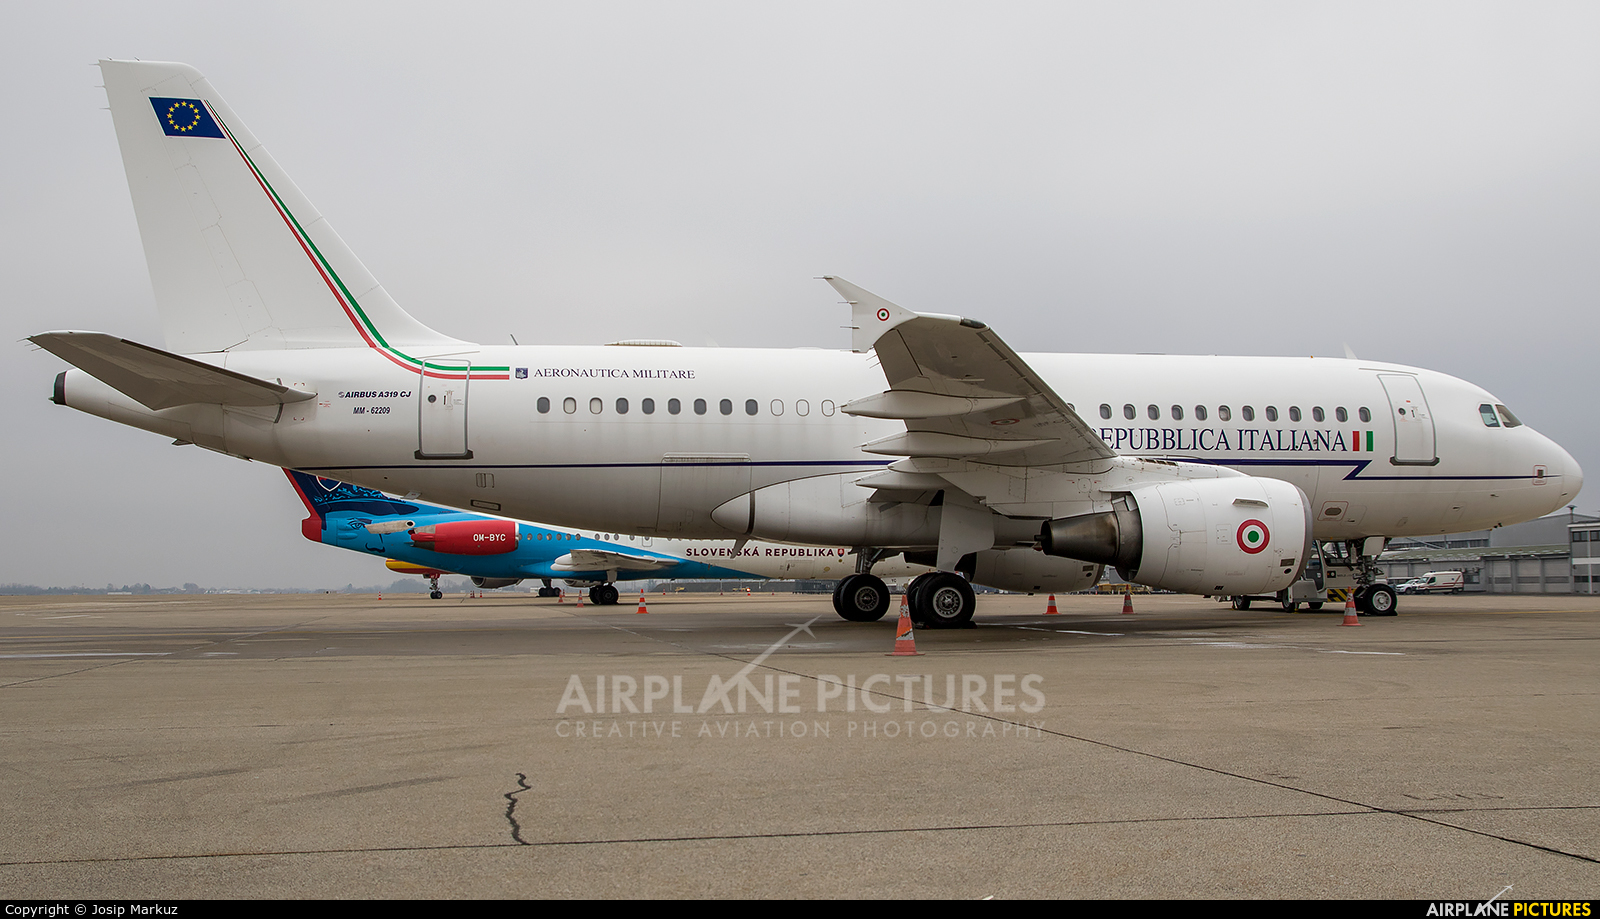 Italy - Air Force MM62209 aircraft at Zagreb